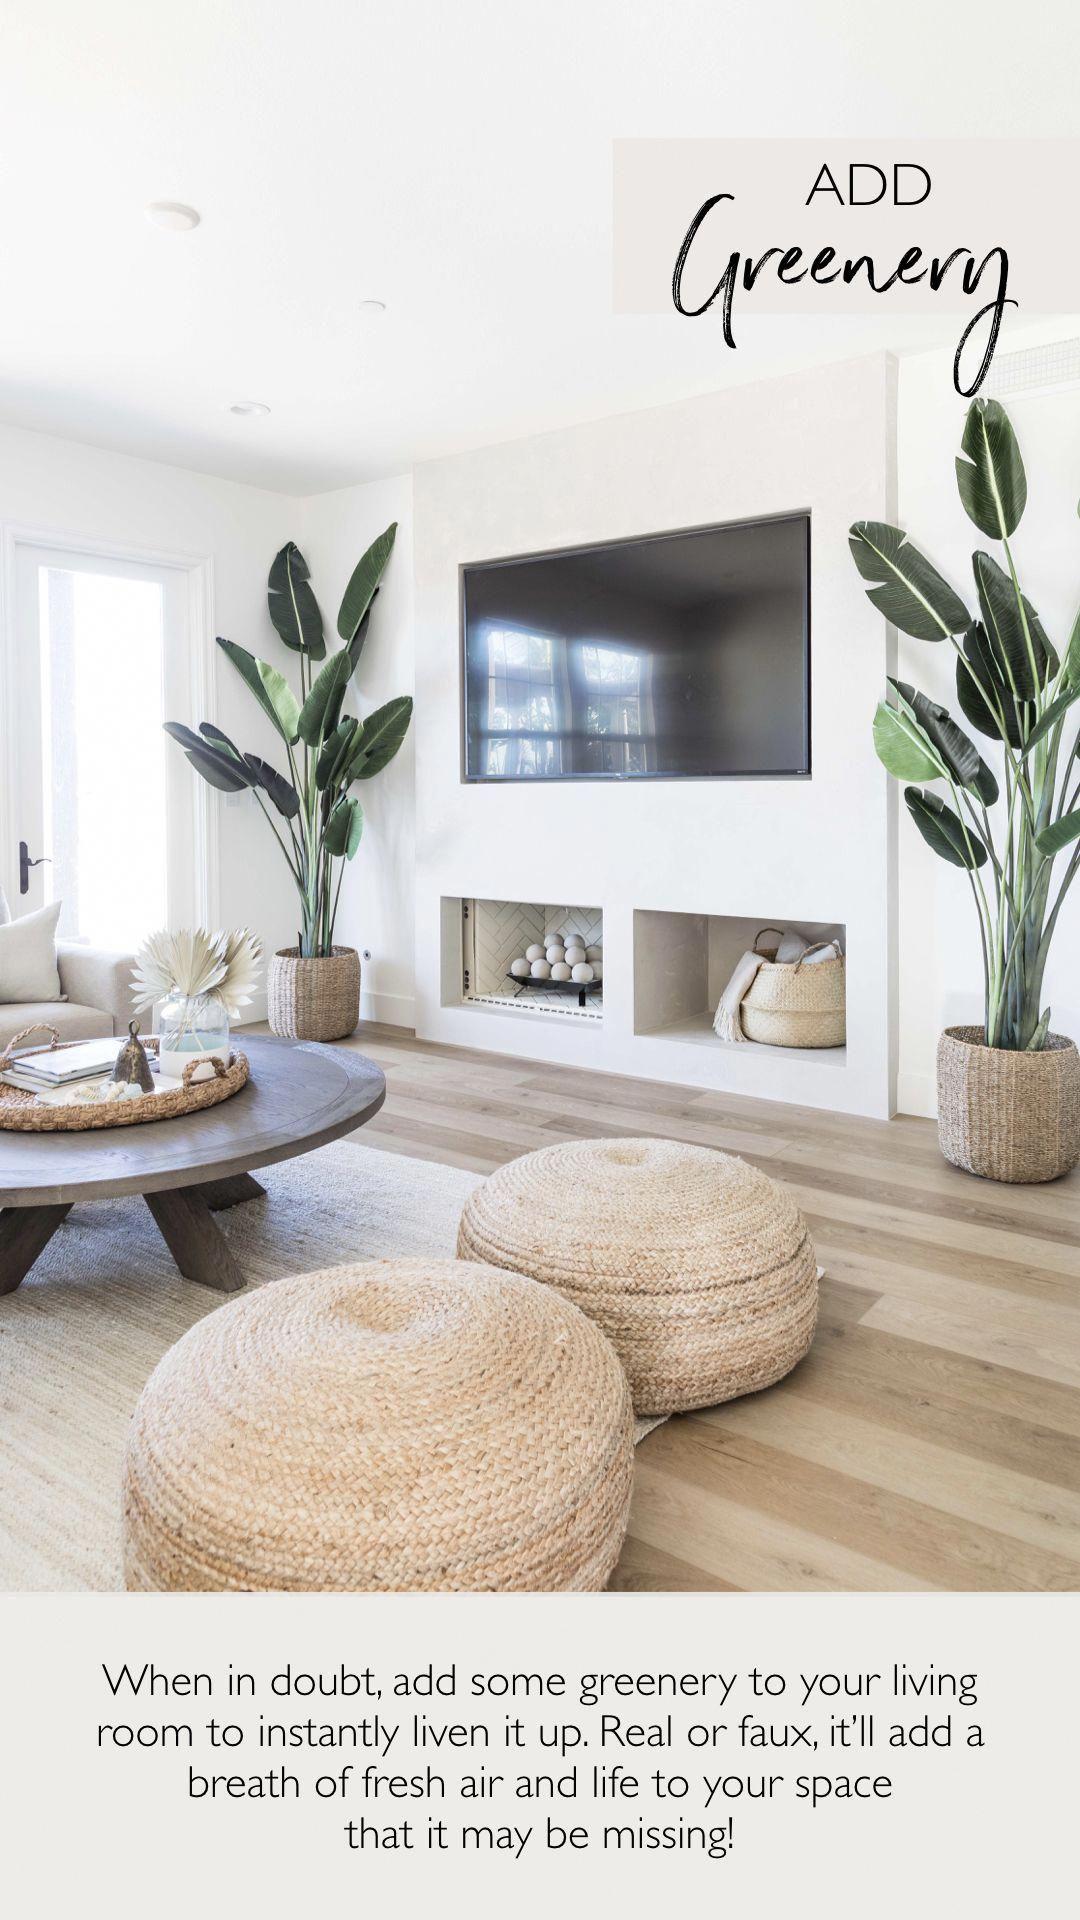 Living Room Essentials | INTERIOR DESIGN TIPS AND TRICK | #DesignTips #InteriorDesign #InteriorDesignTips #Tips #DecorTips #DesignGuide #InteriorDesignGuide #HomeDecor #livingroomessentials #LivingRoomDecoratingIdeas